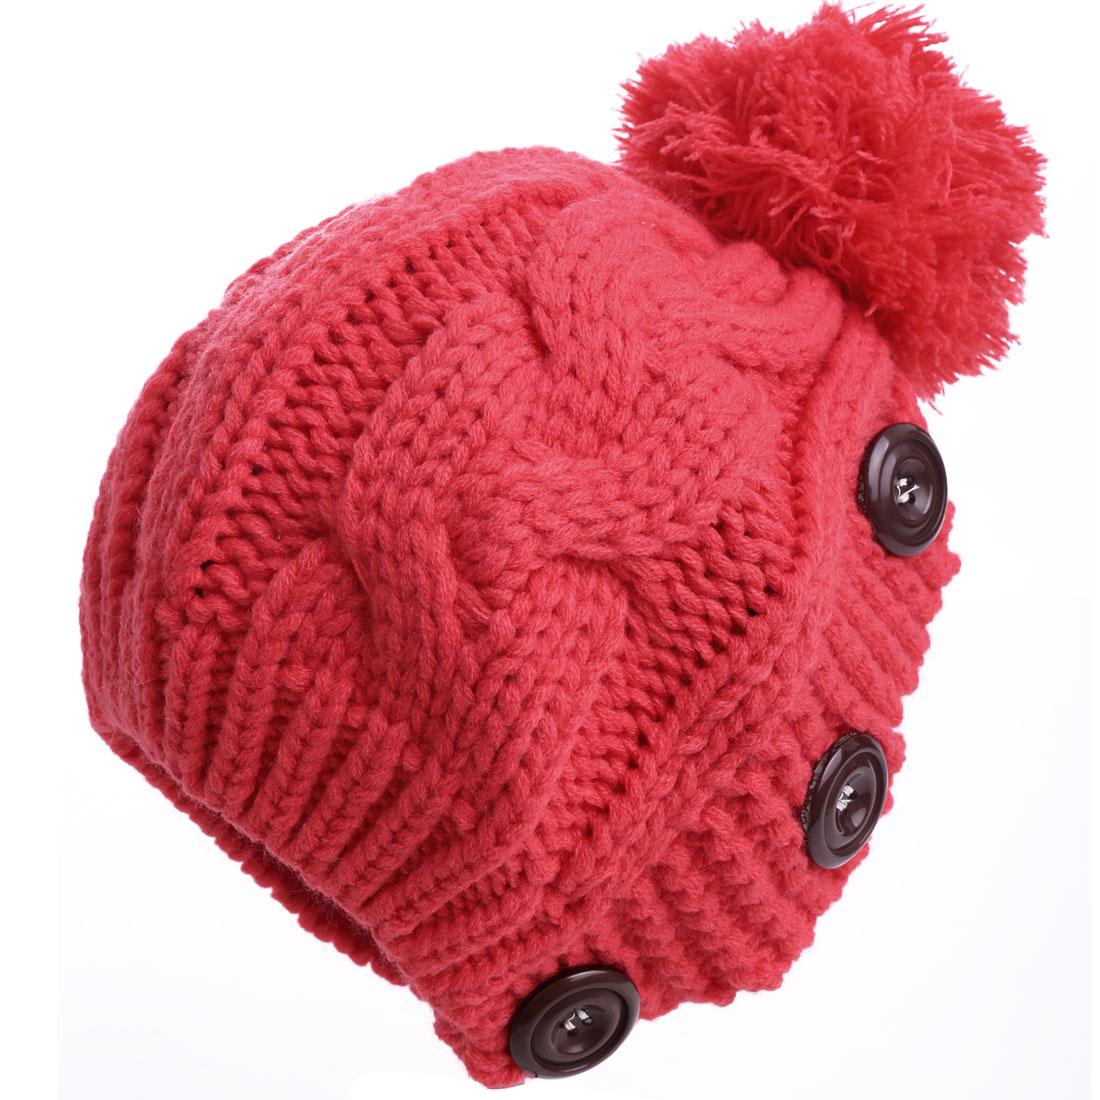 Lady Lady Pom-pom Stretchy Watermelon Red Knitted Beanie Hat